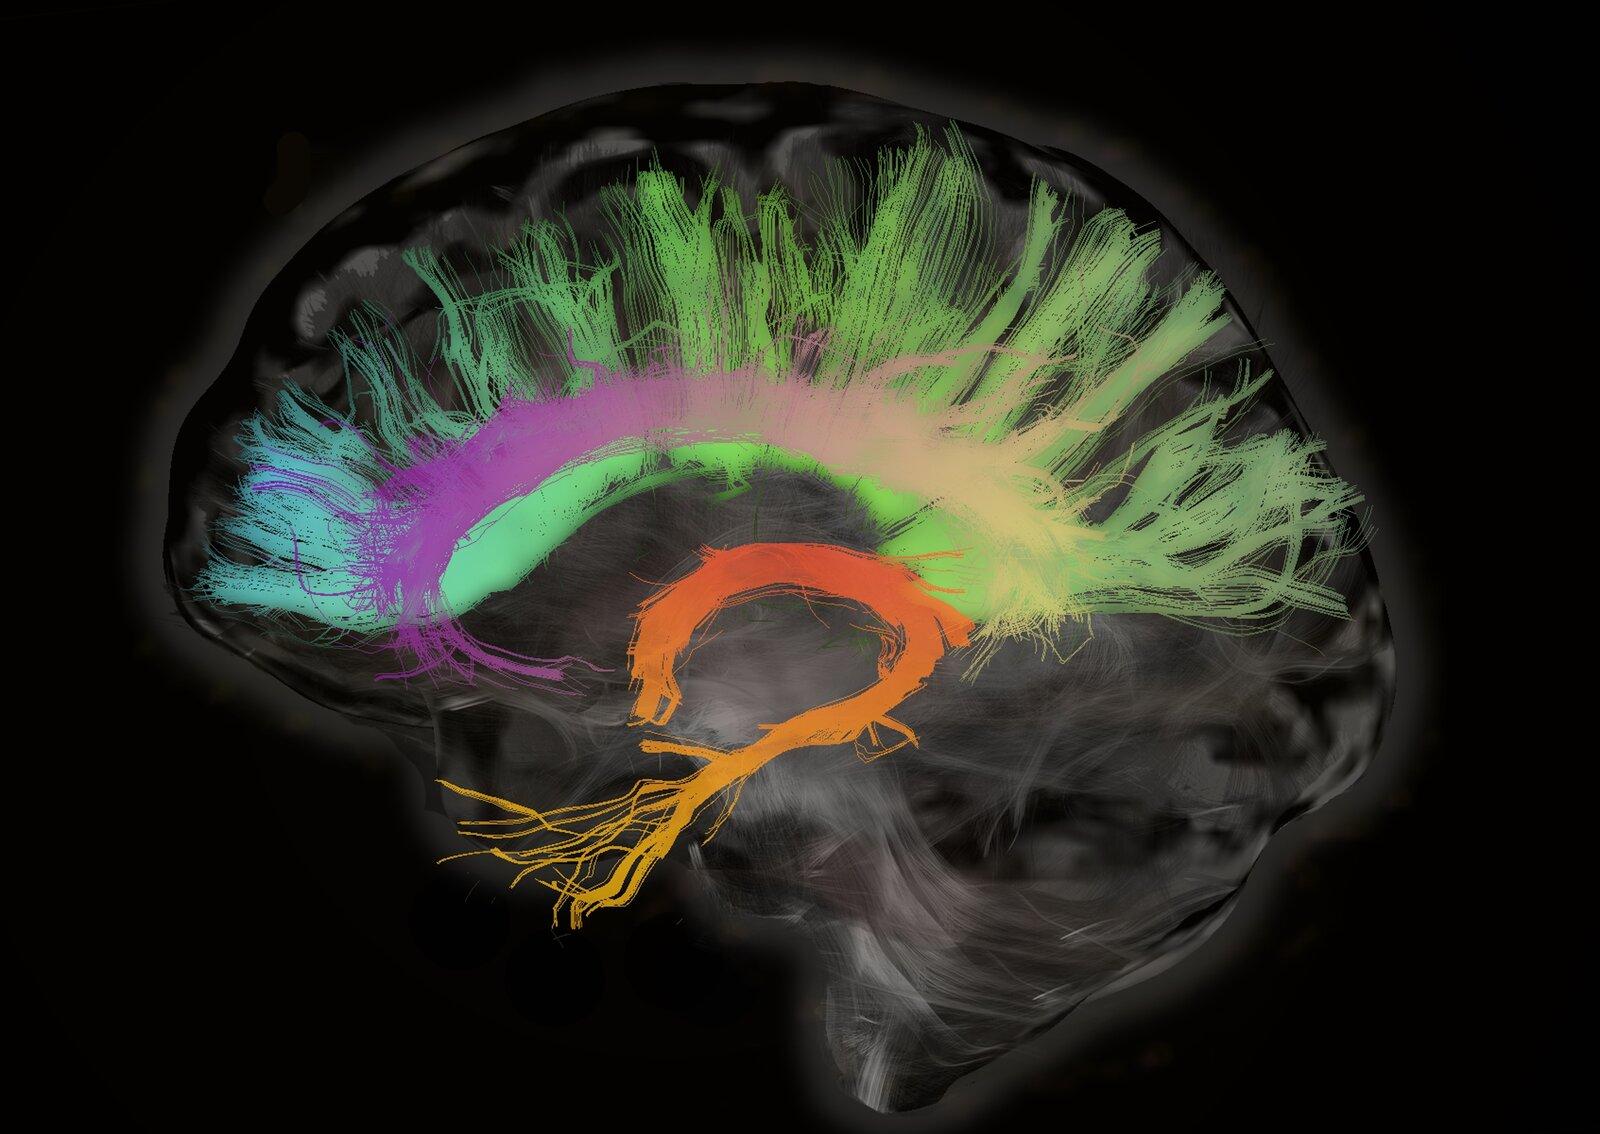 brainscan-2_custom-d29fbebf52a0e35783b1d